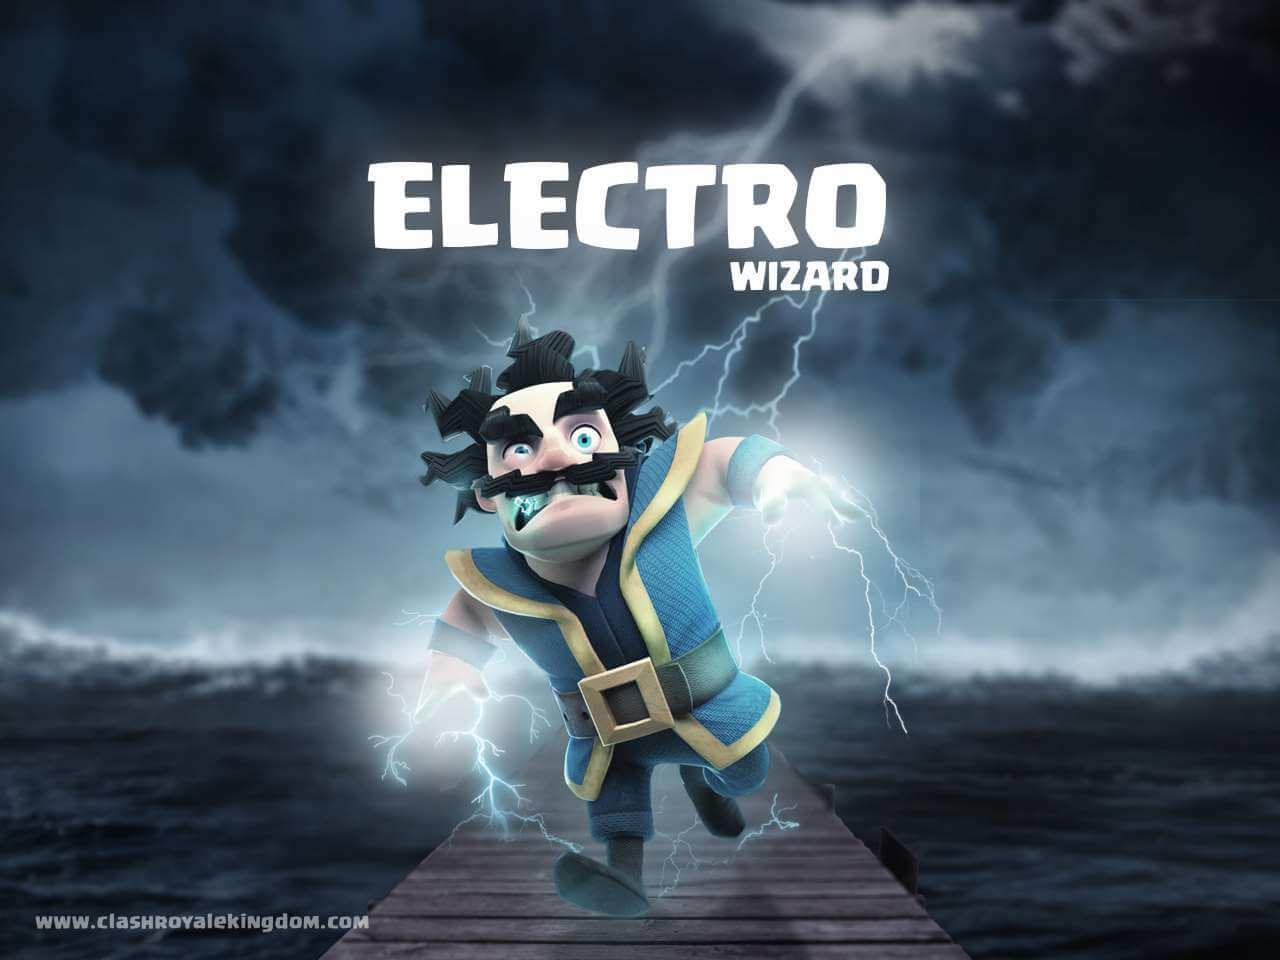 Clash Royale Electro Wizard Clash Royale 2418587 Hd